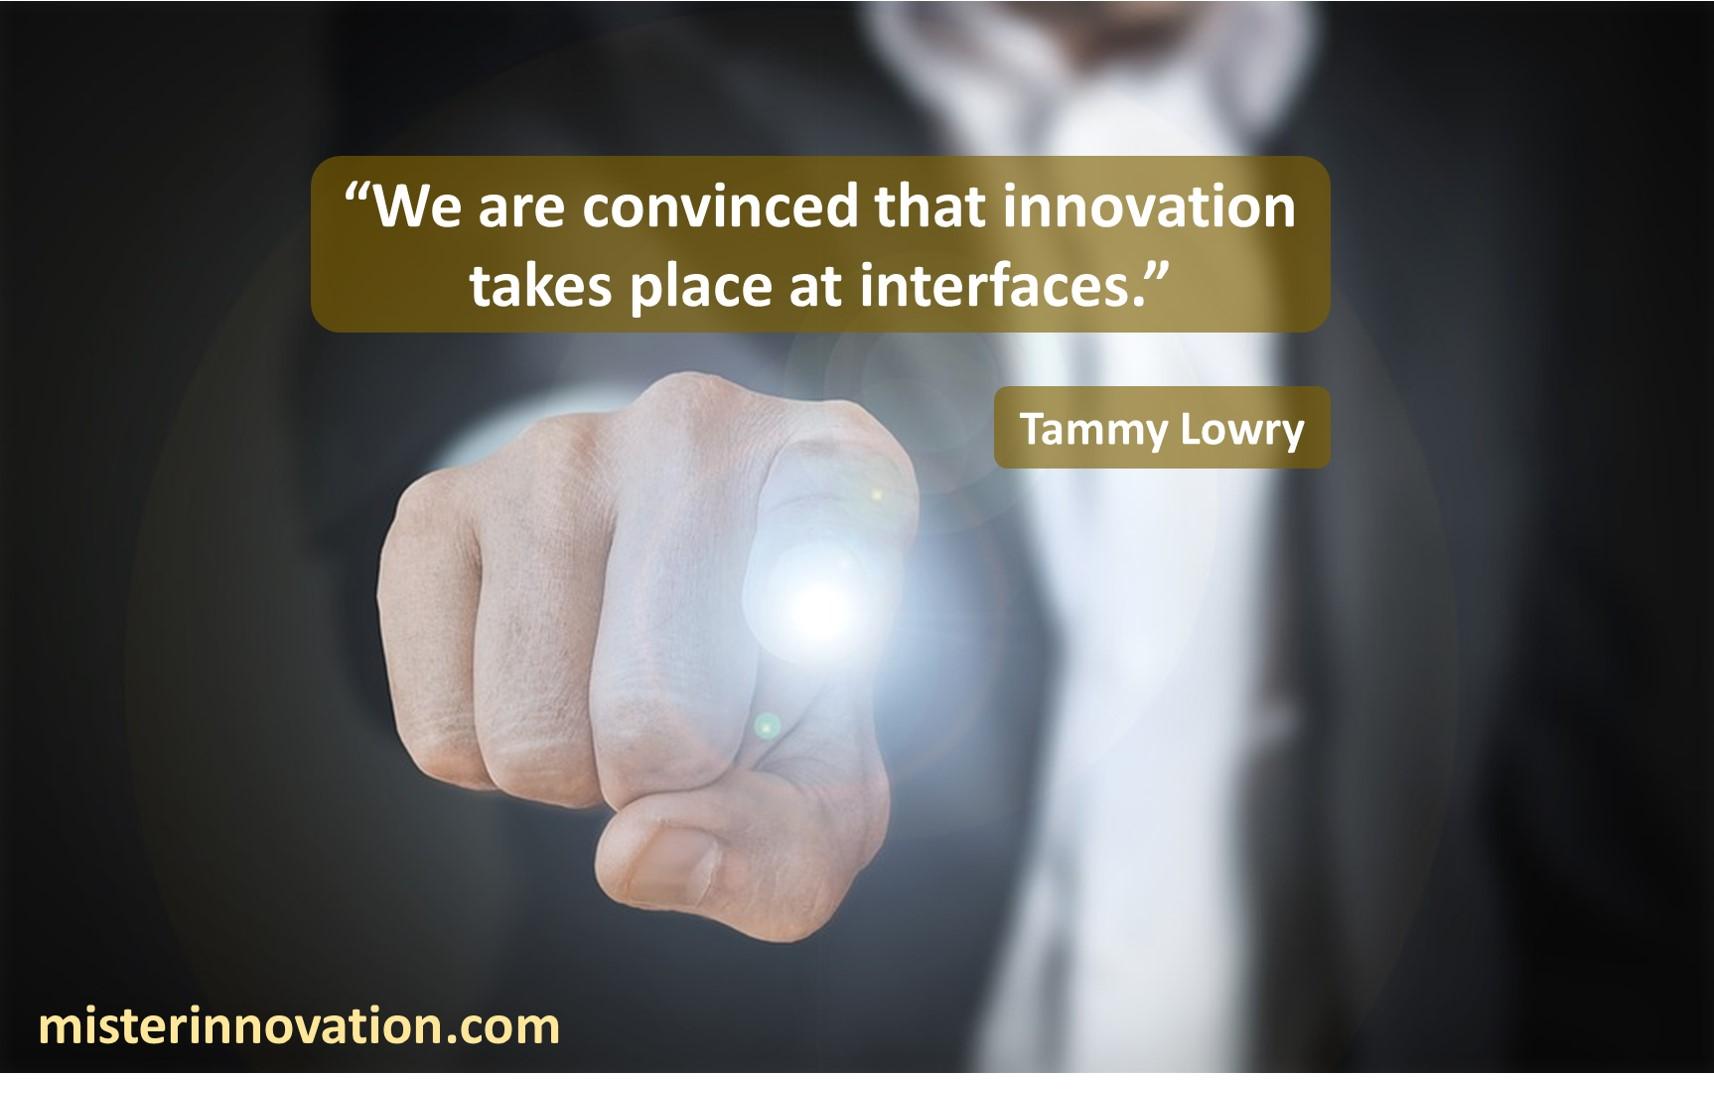 Tammy Lowry